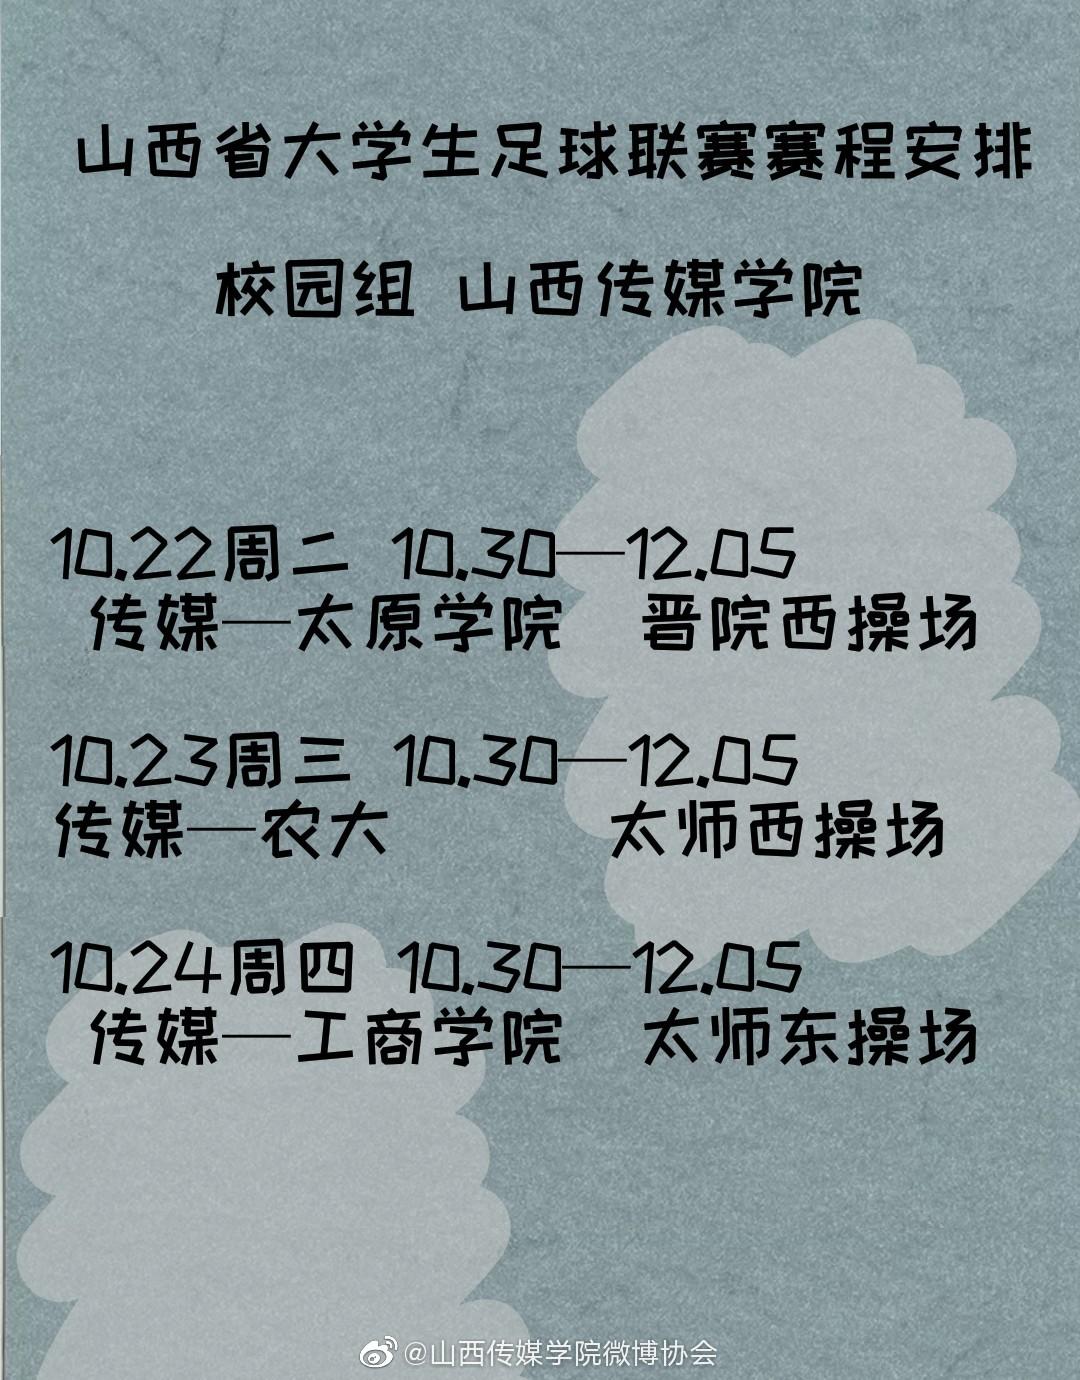 山西省大学生足球联赛 —校园组 山西传媒学院比赛将于明日正式开始